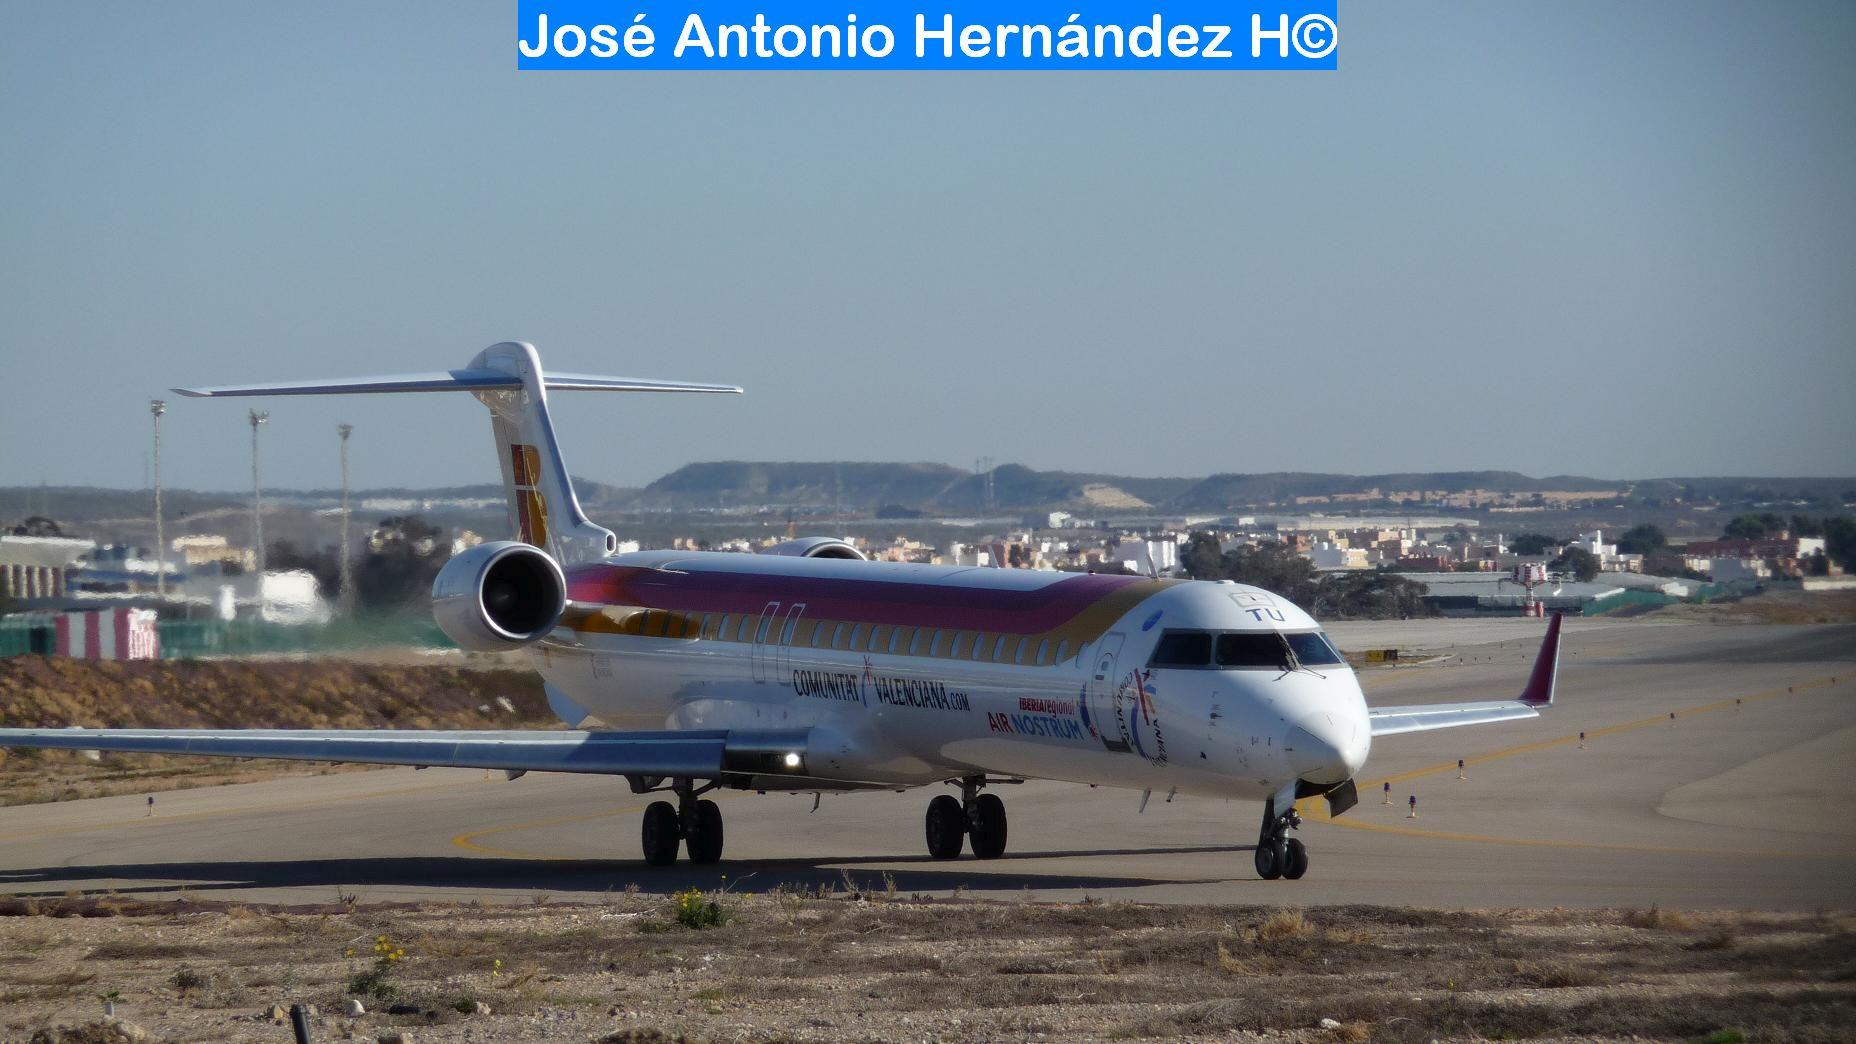 Fuente: José Antonio Hernández